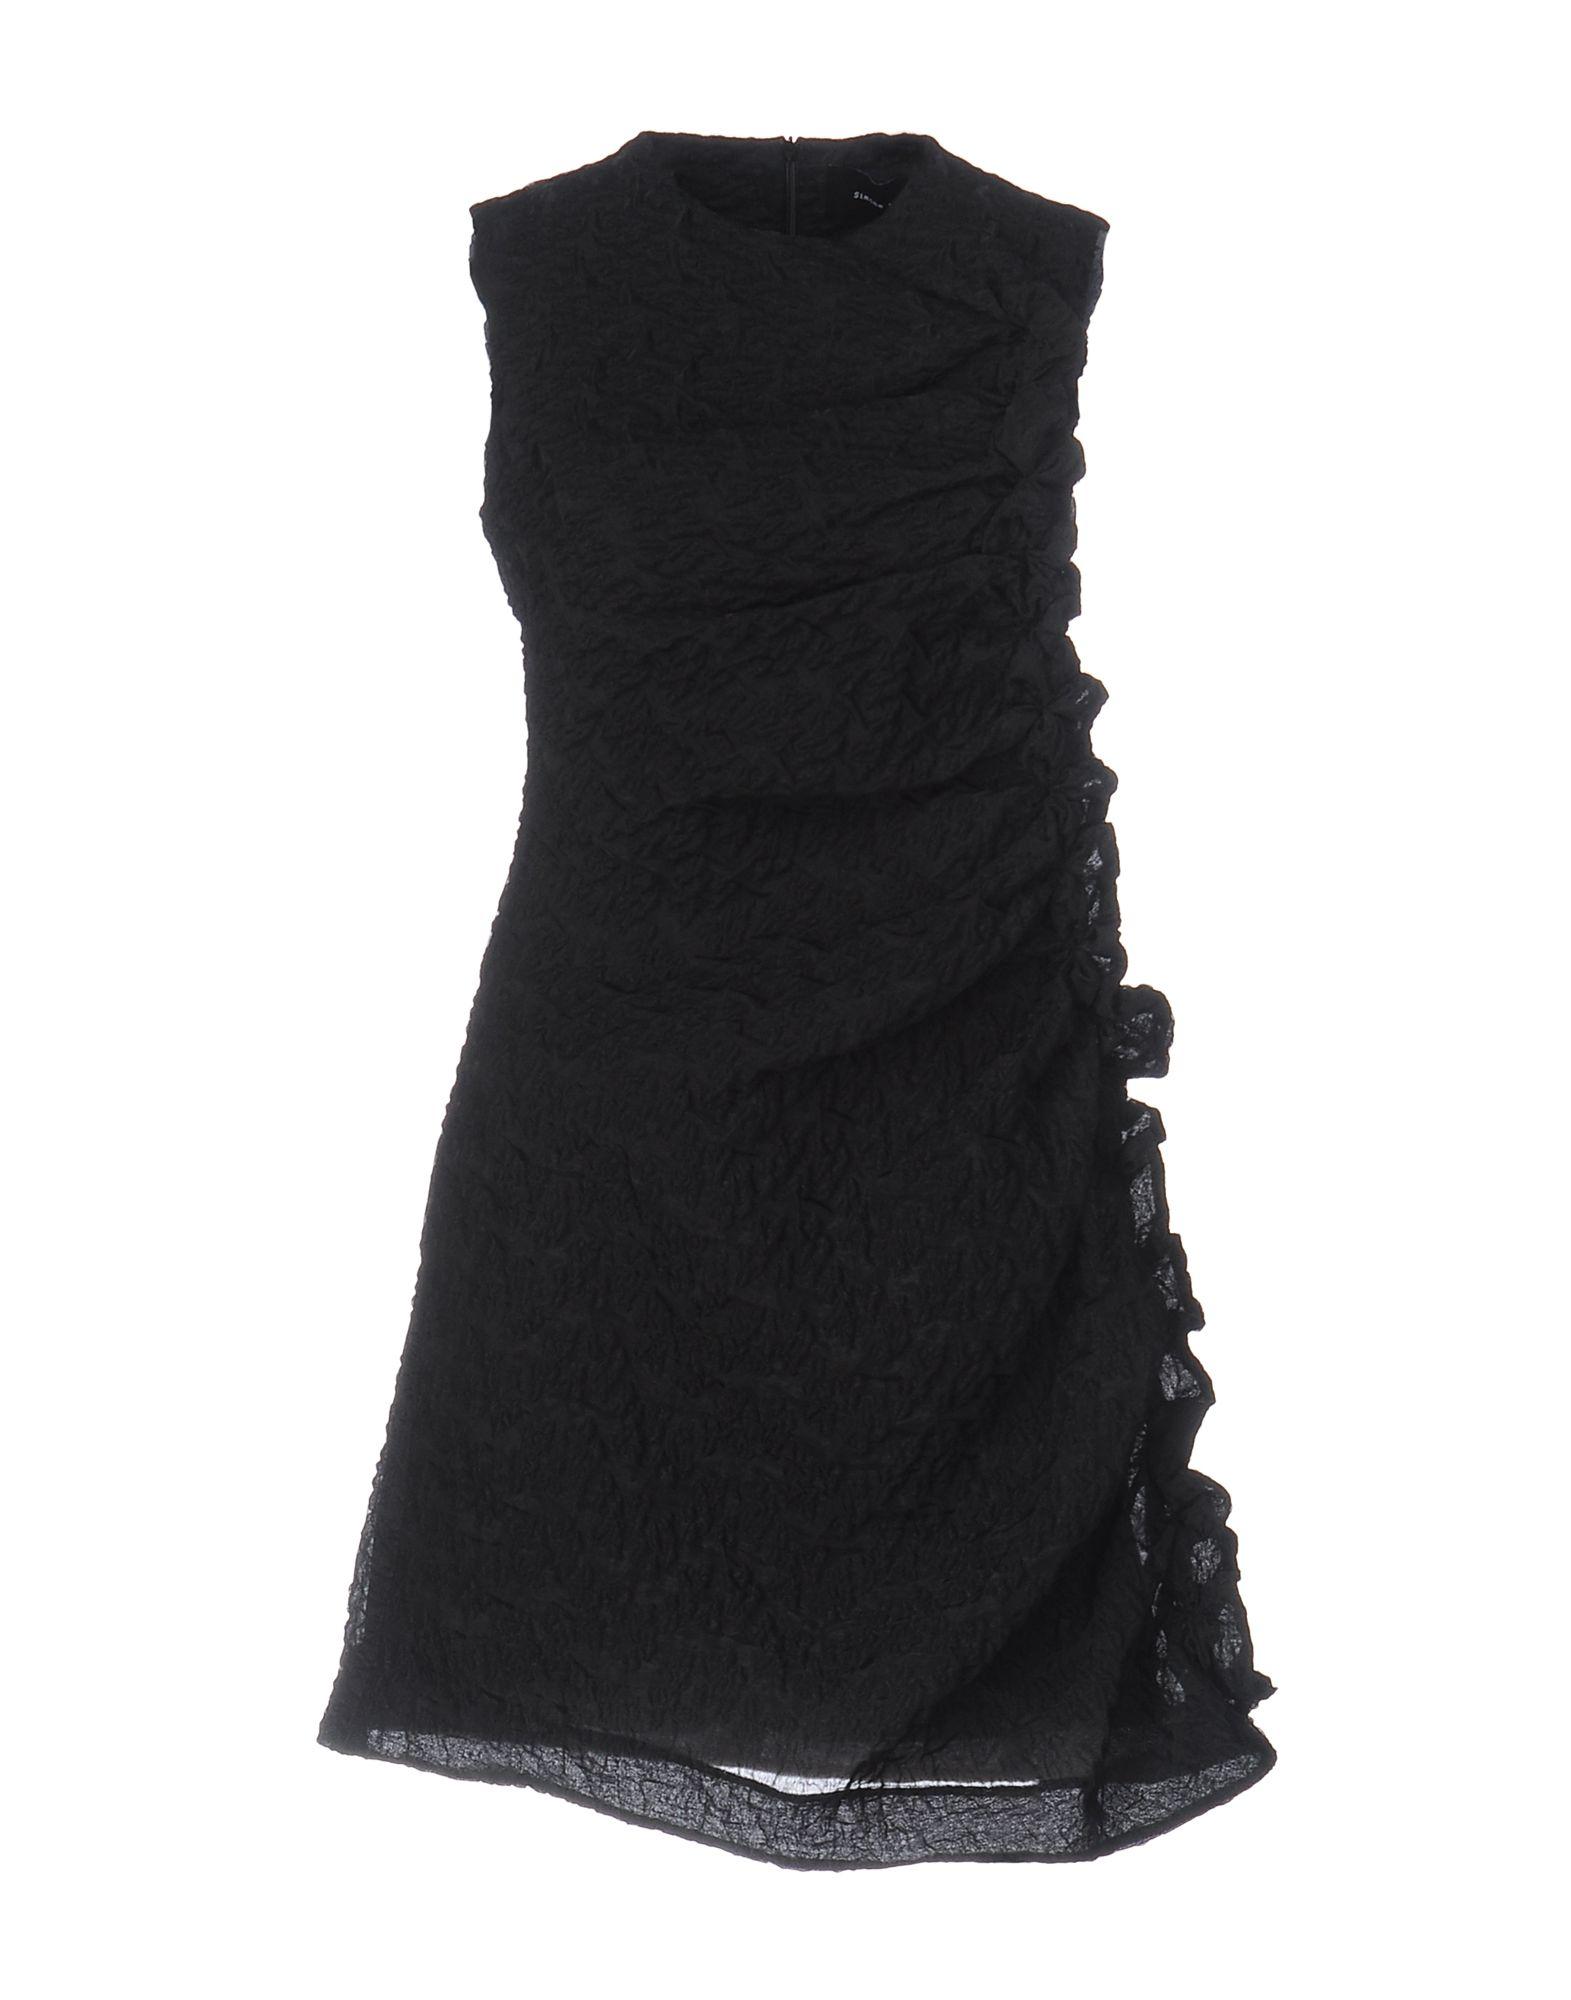 simone rocha x j brand короткое платье SIMONE ROCHA Короткое платье